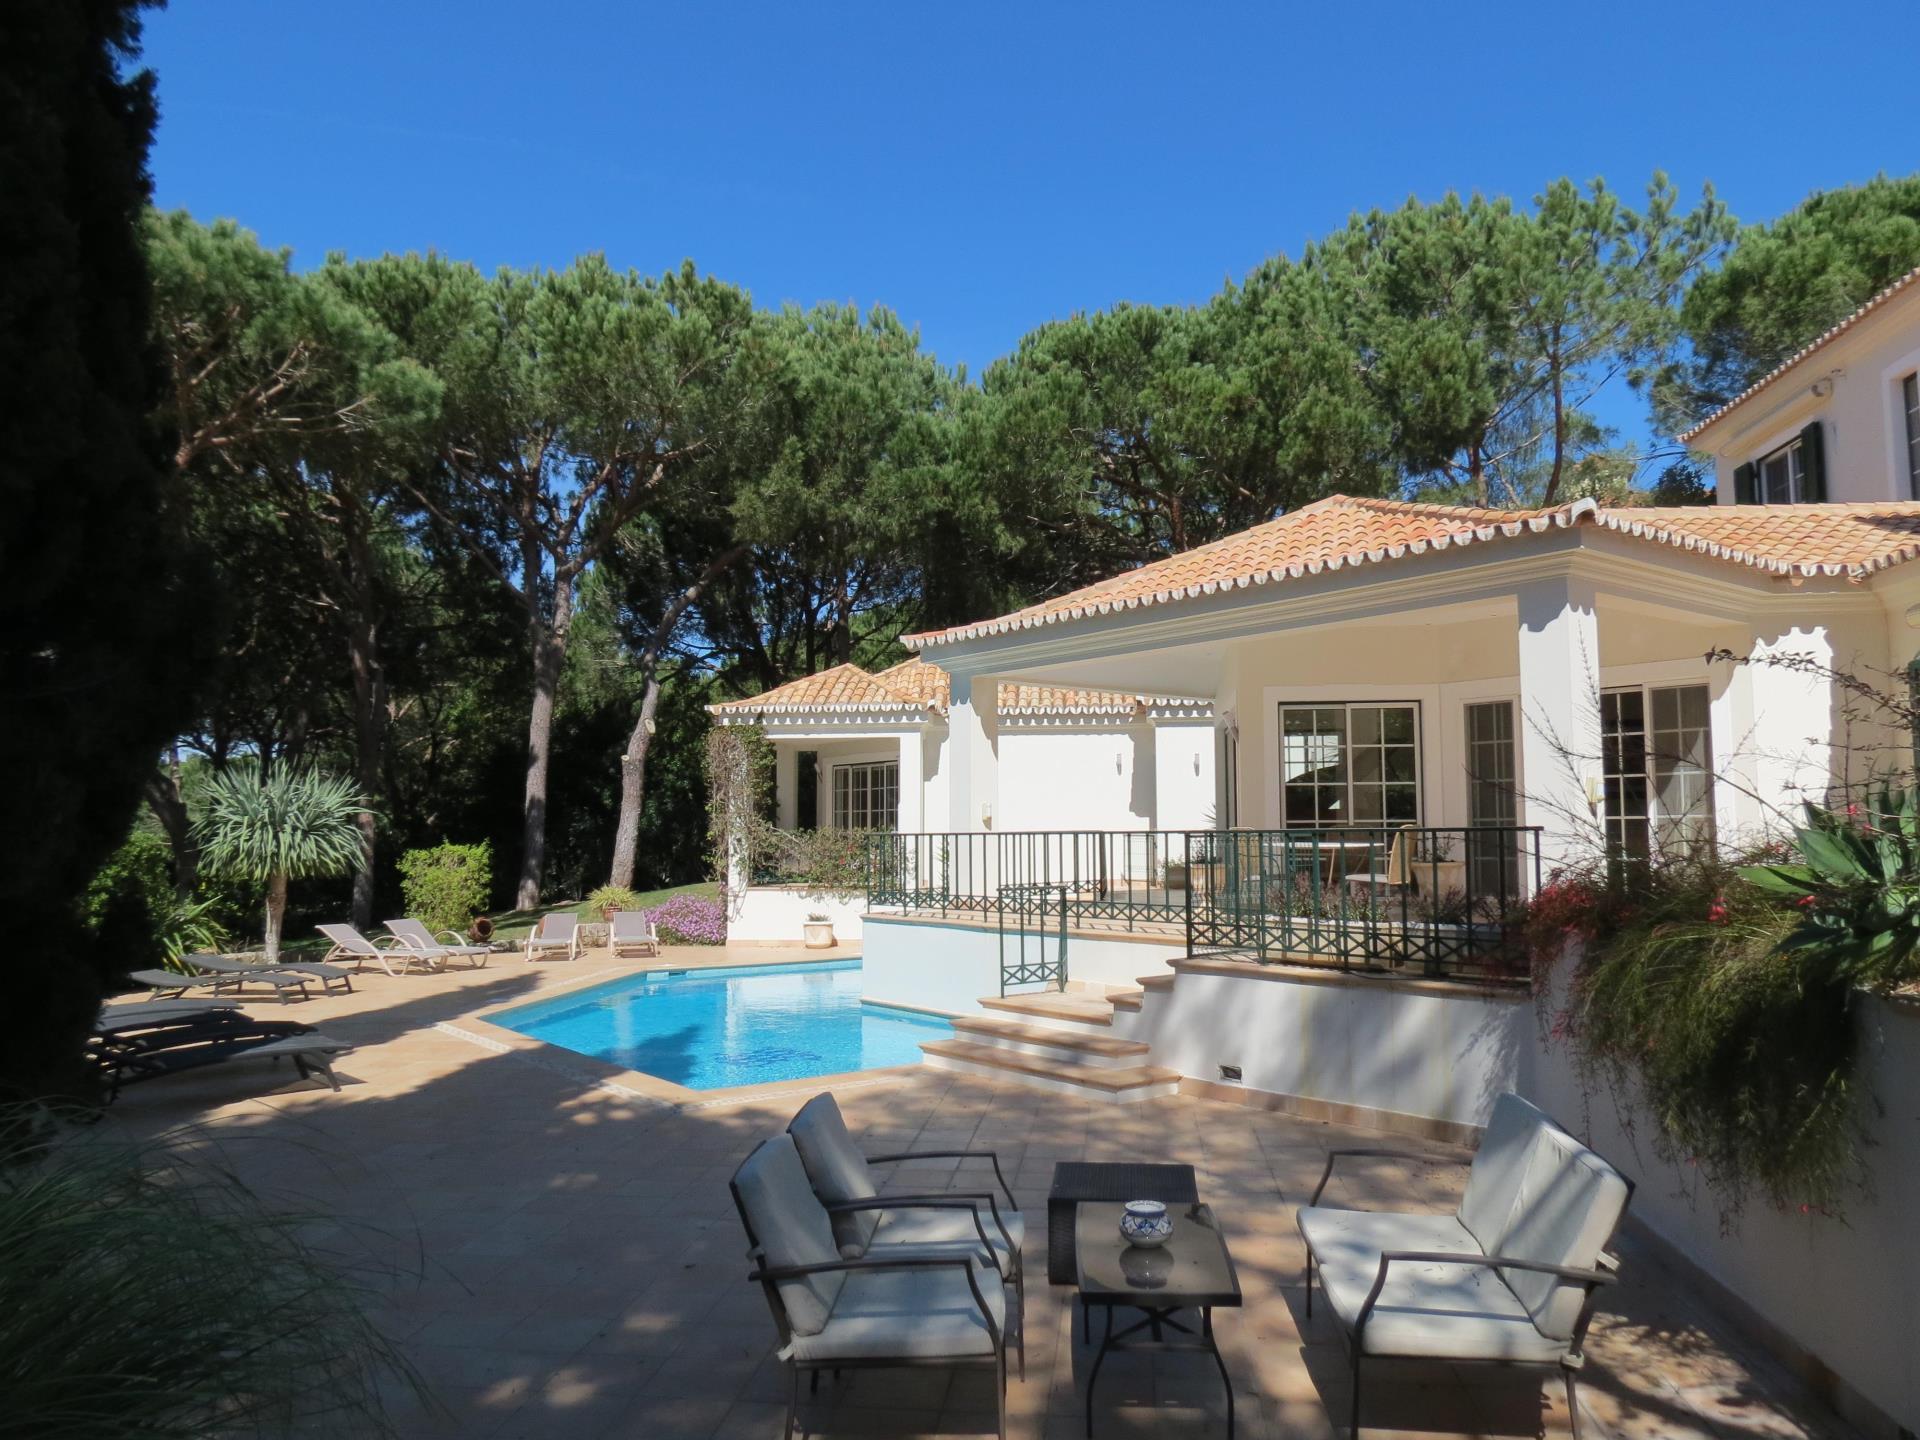 Частный односемейный дом для того Продажа на Detached house, 4 bedrooms, for Sale Loule, Algarve Португалия